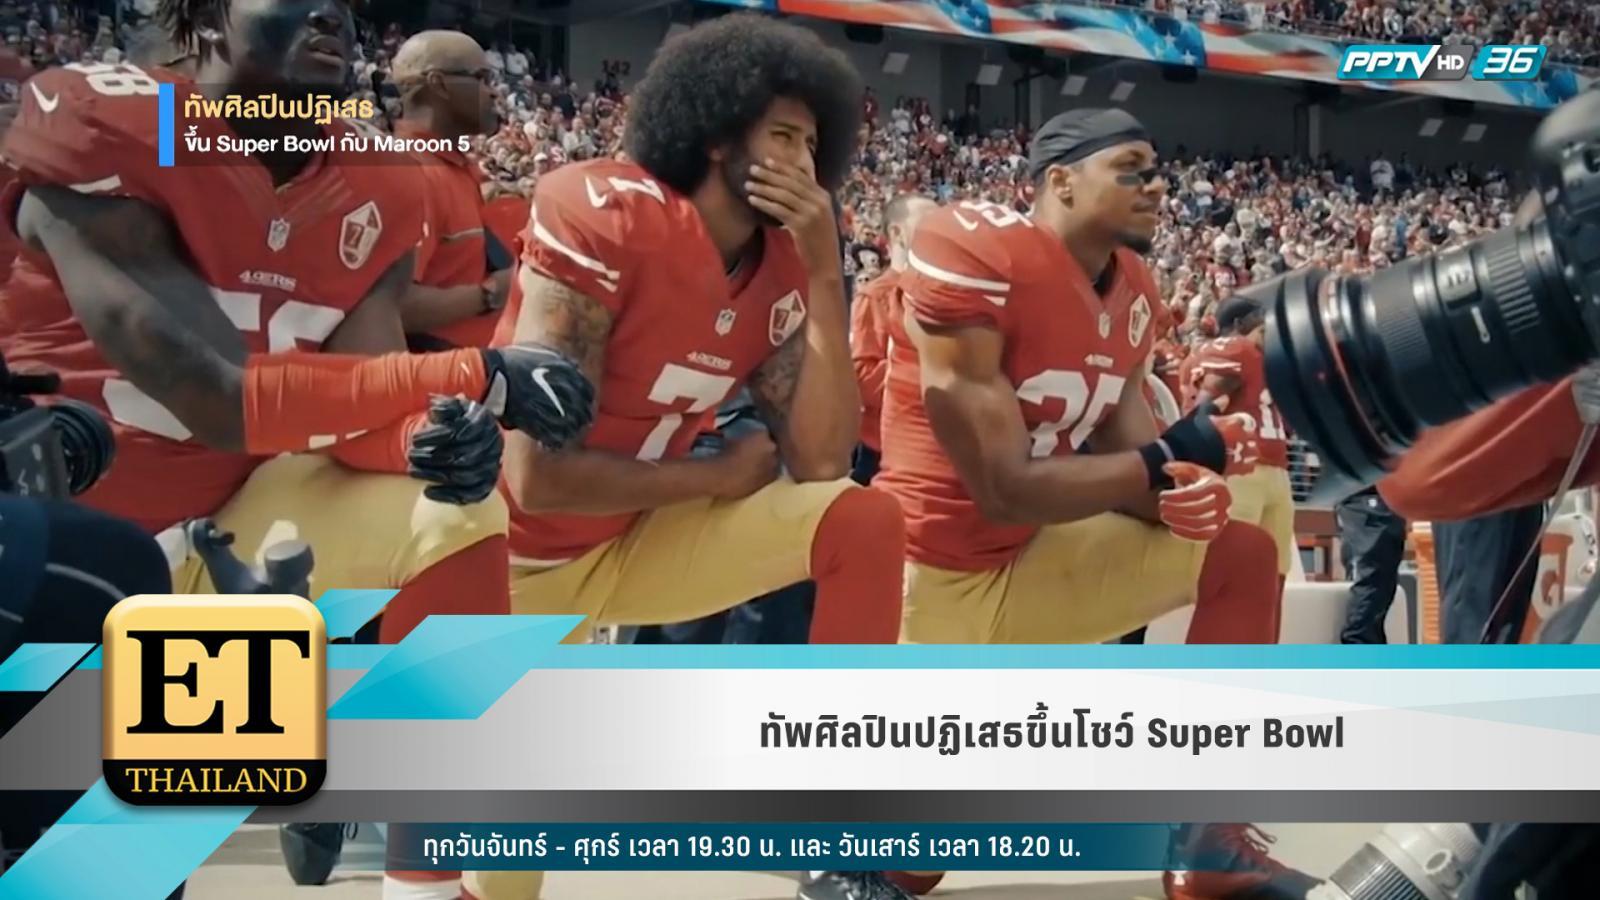 ทัพศิลปินปฏิเสธขึ้นโชว์ Super Bowl